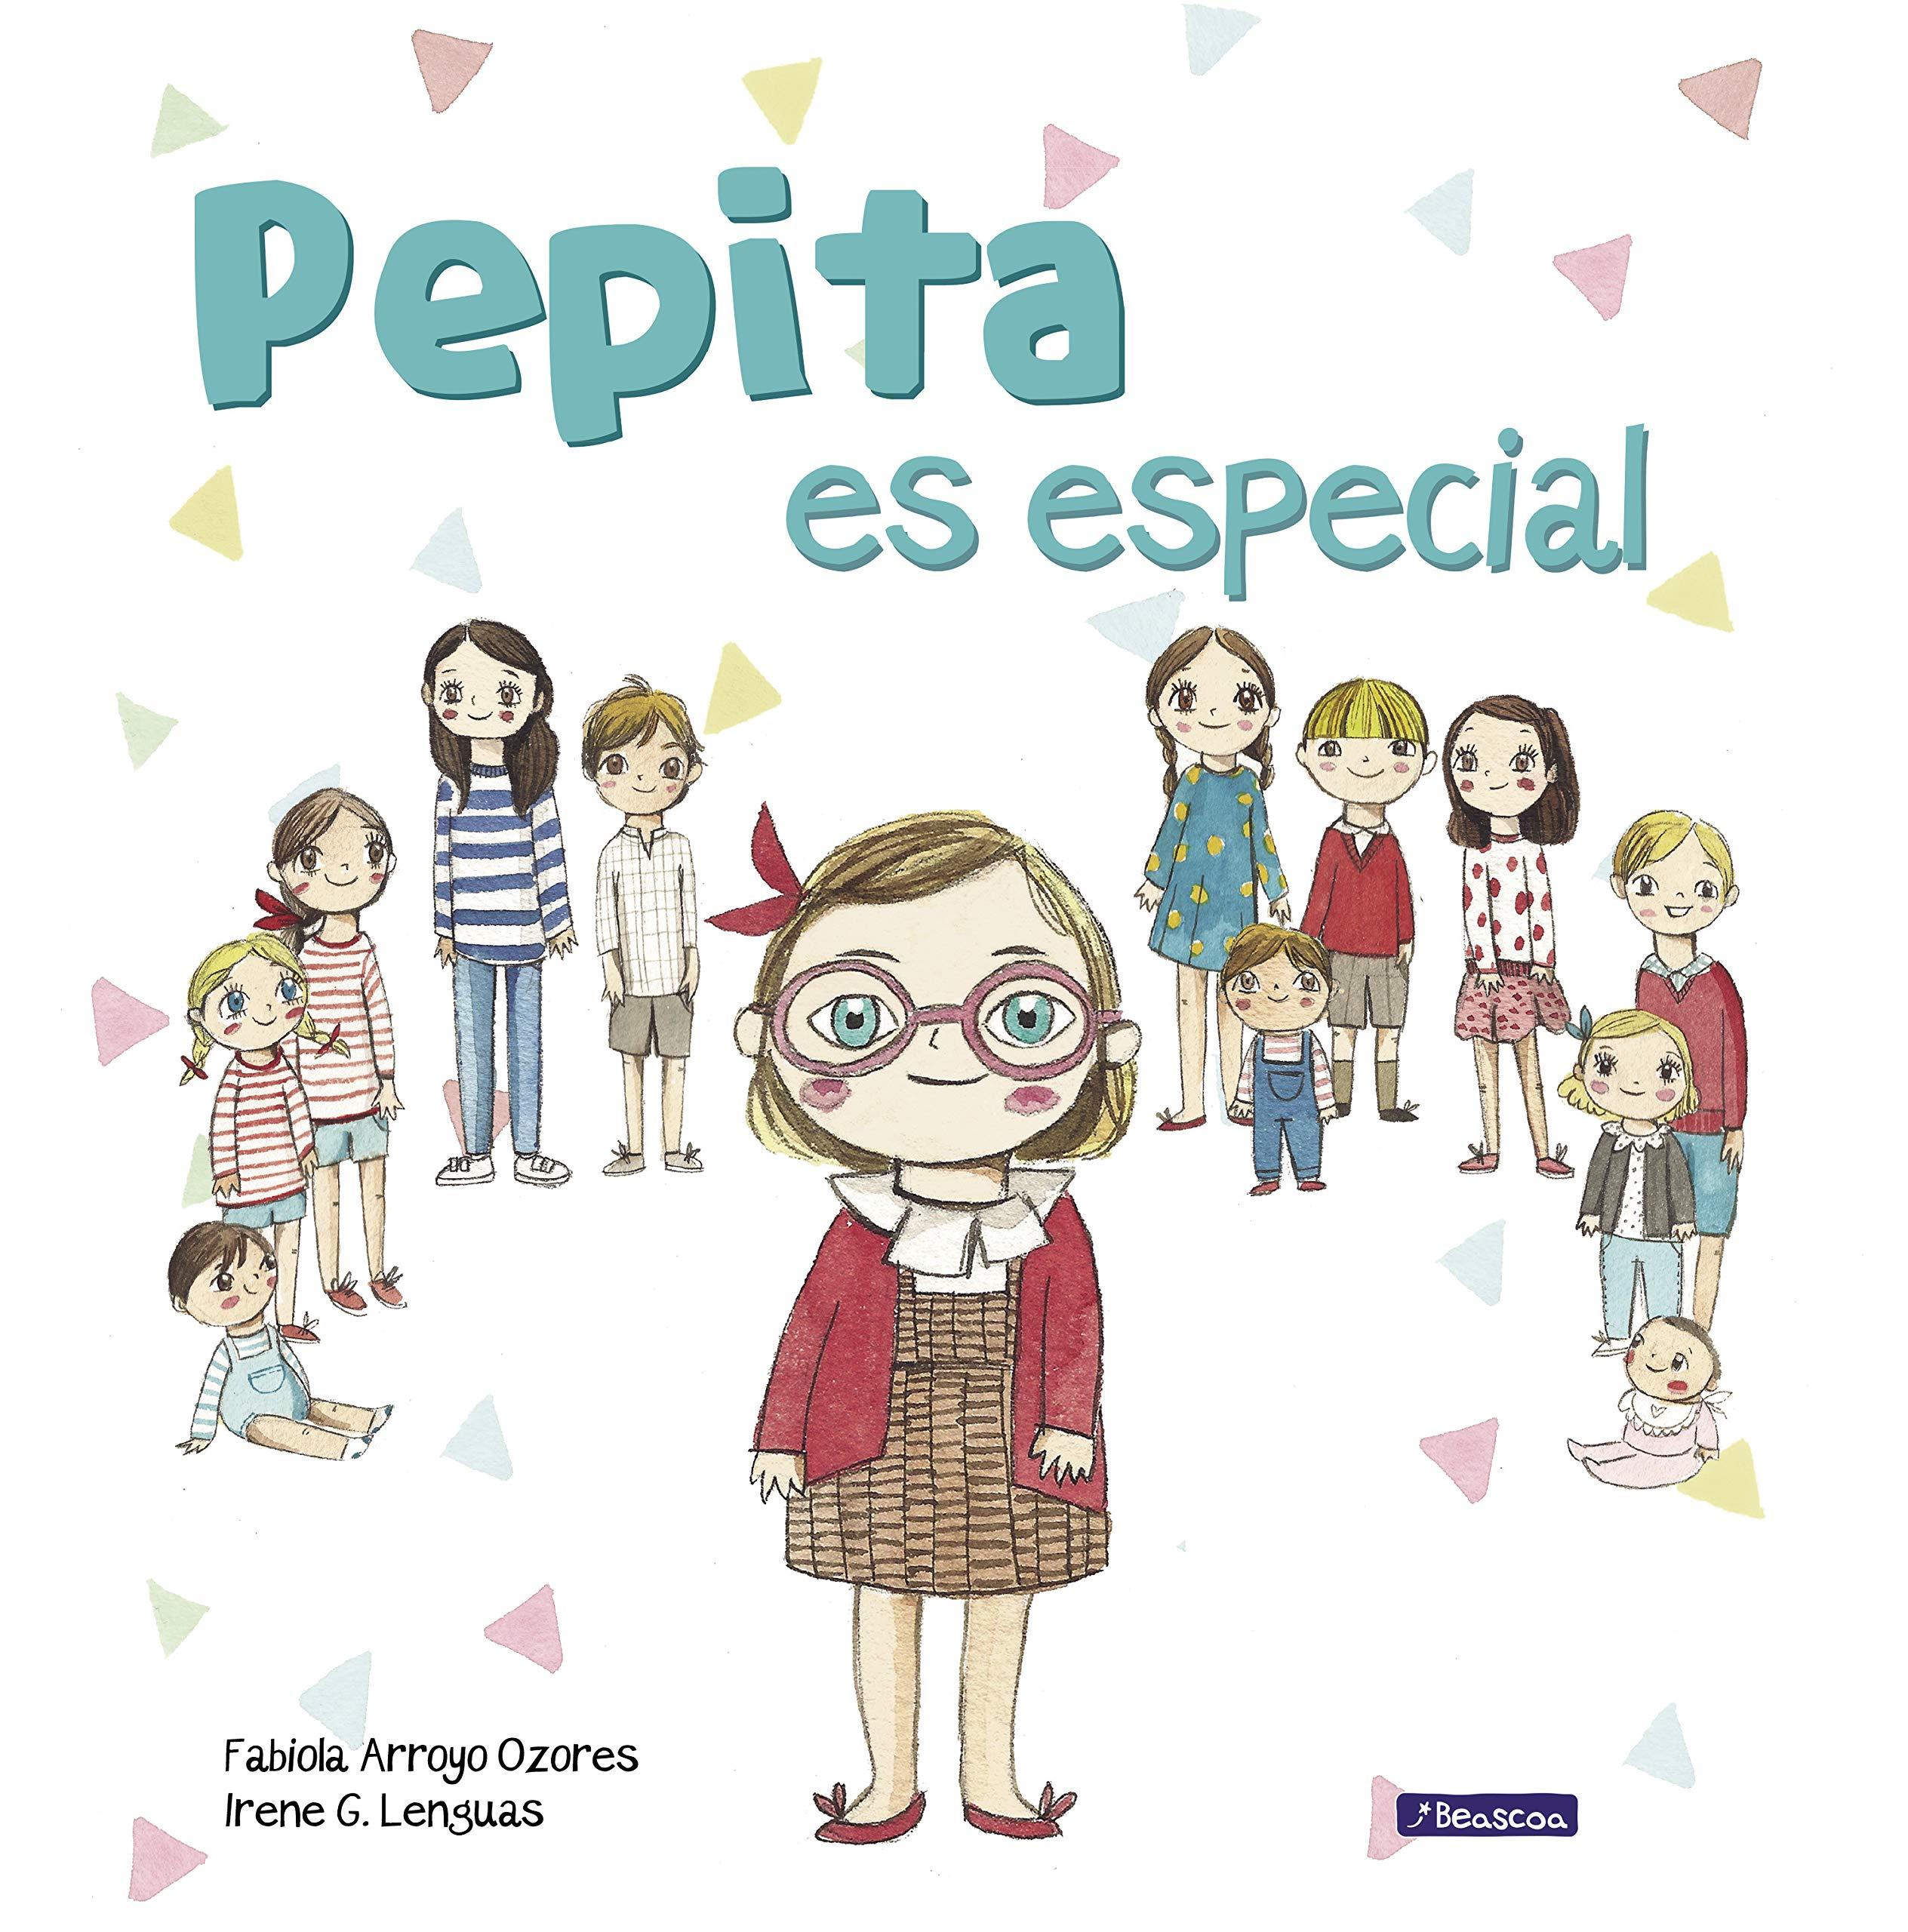 Pepita es especial (Emociones, valores y hábitos): Amazon.es: Fabiola  Arroyo, Irene G. Lenguas: Libros